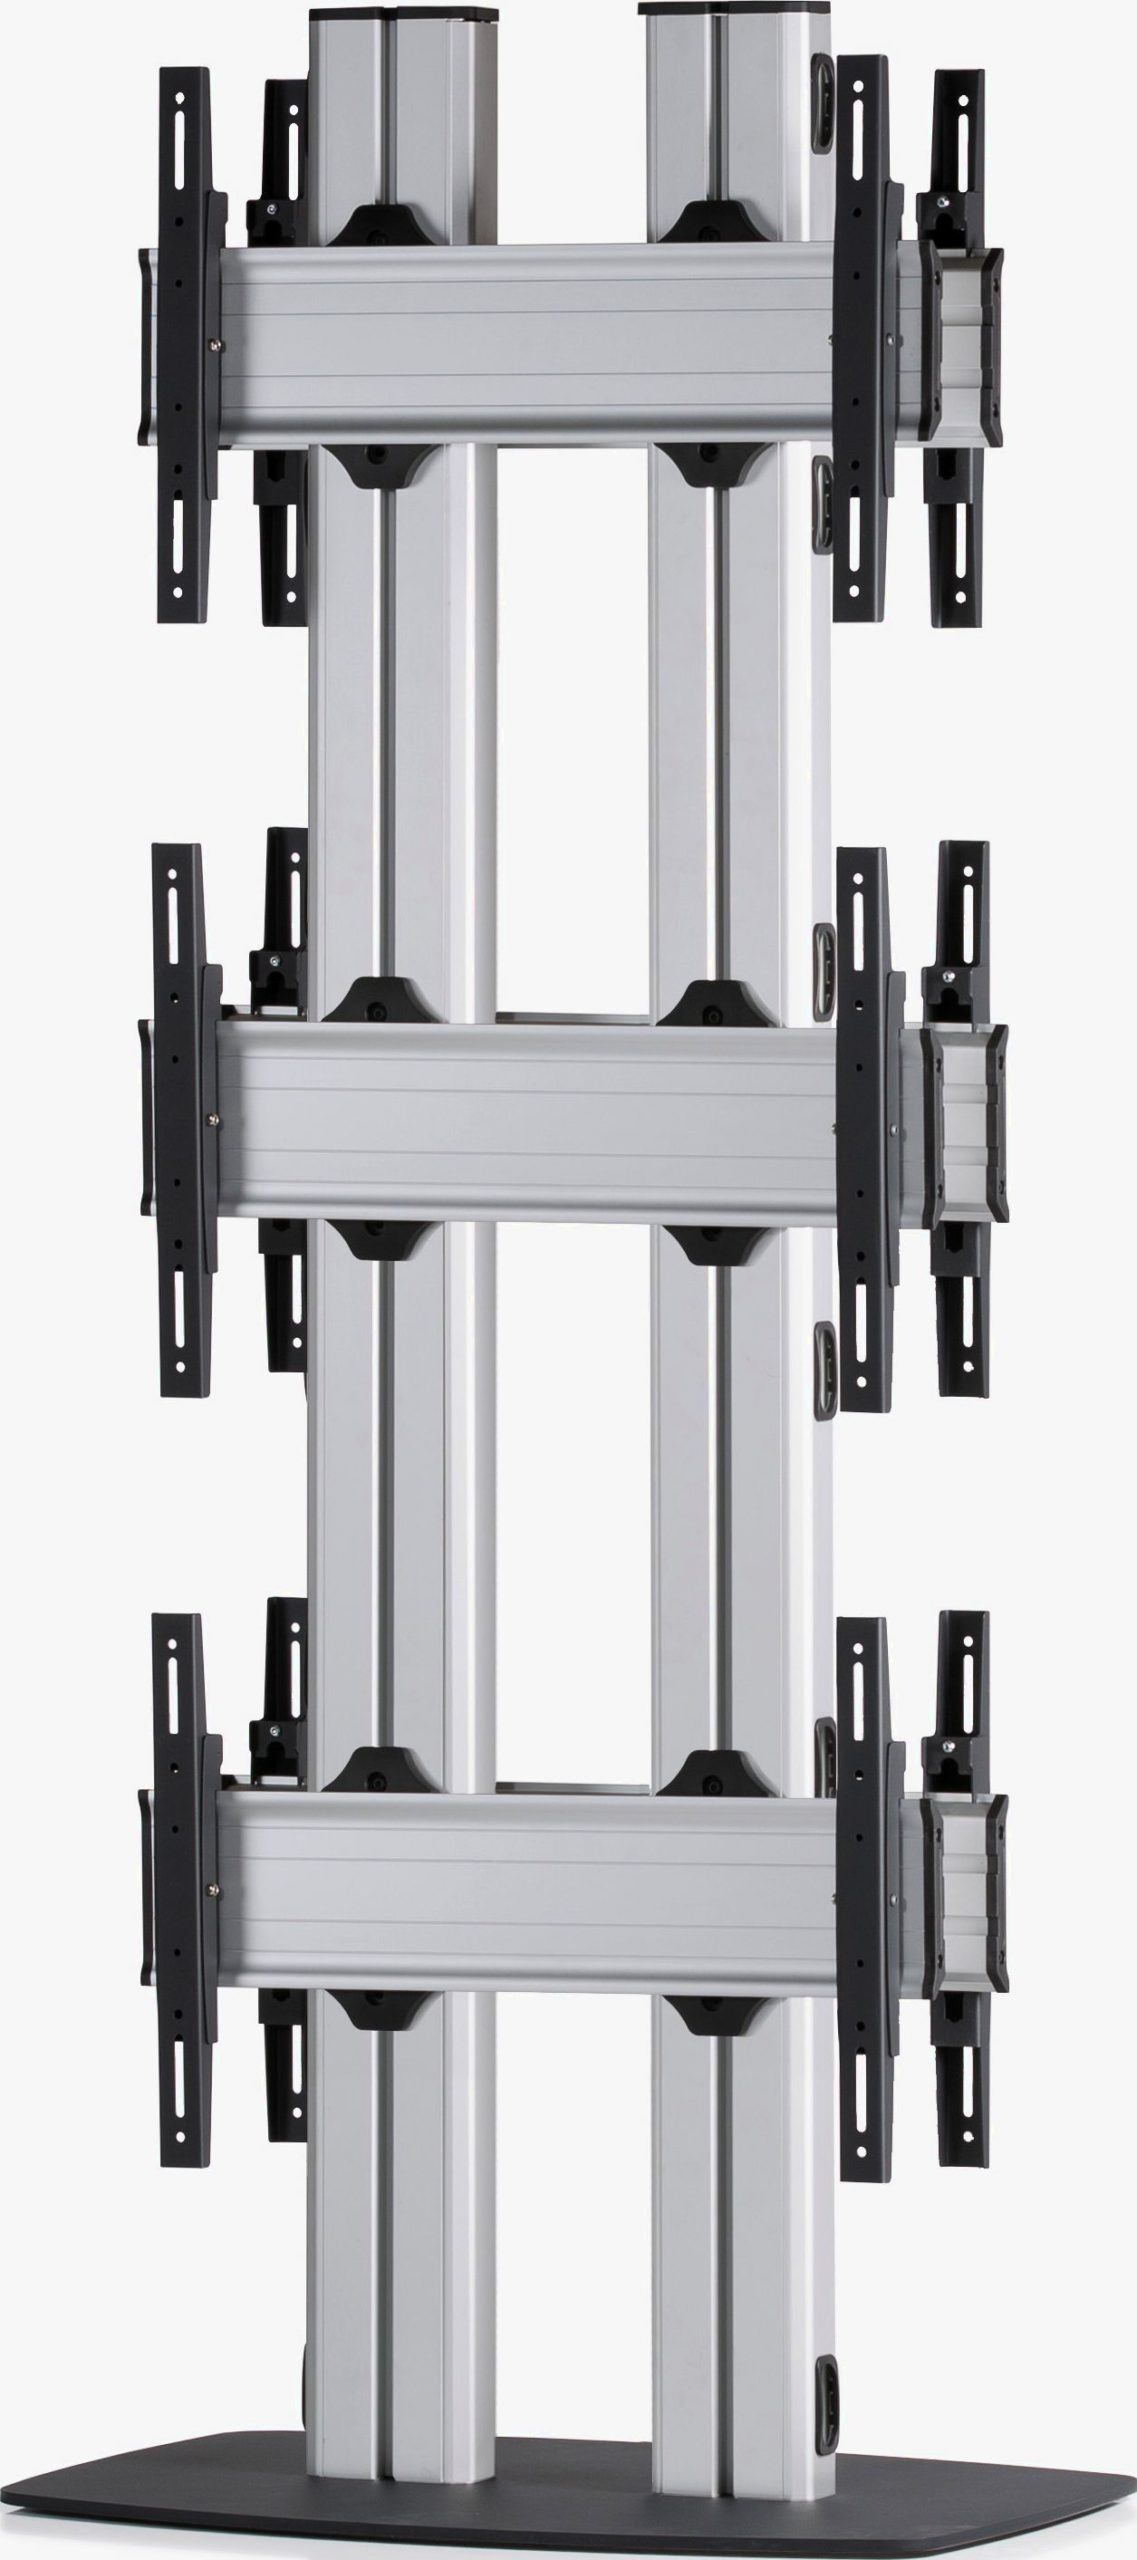 6 Displays 3x1 beidseitig, für große Bildschirme, Standard-VESA, mit Standfuß